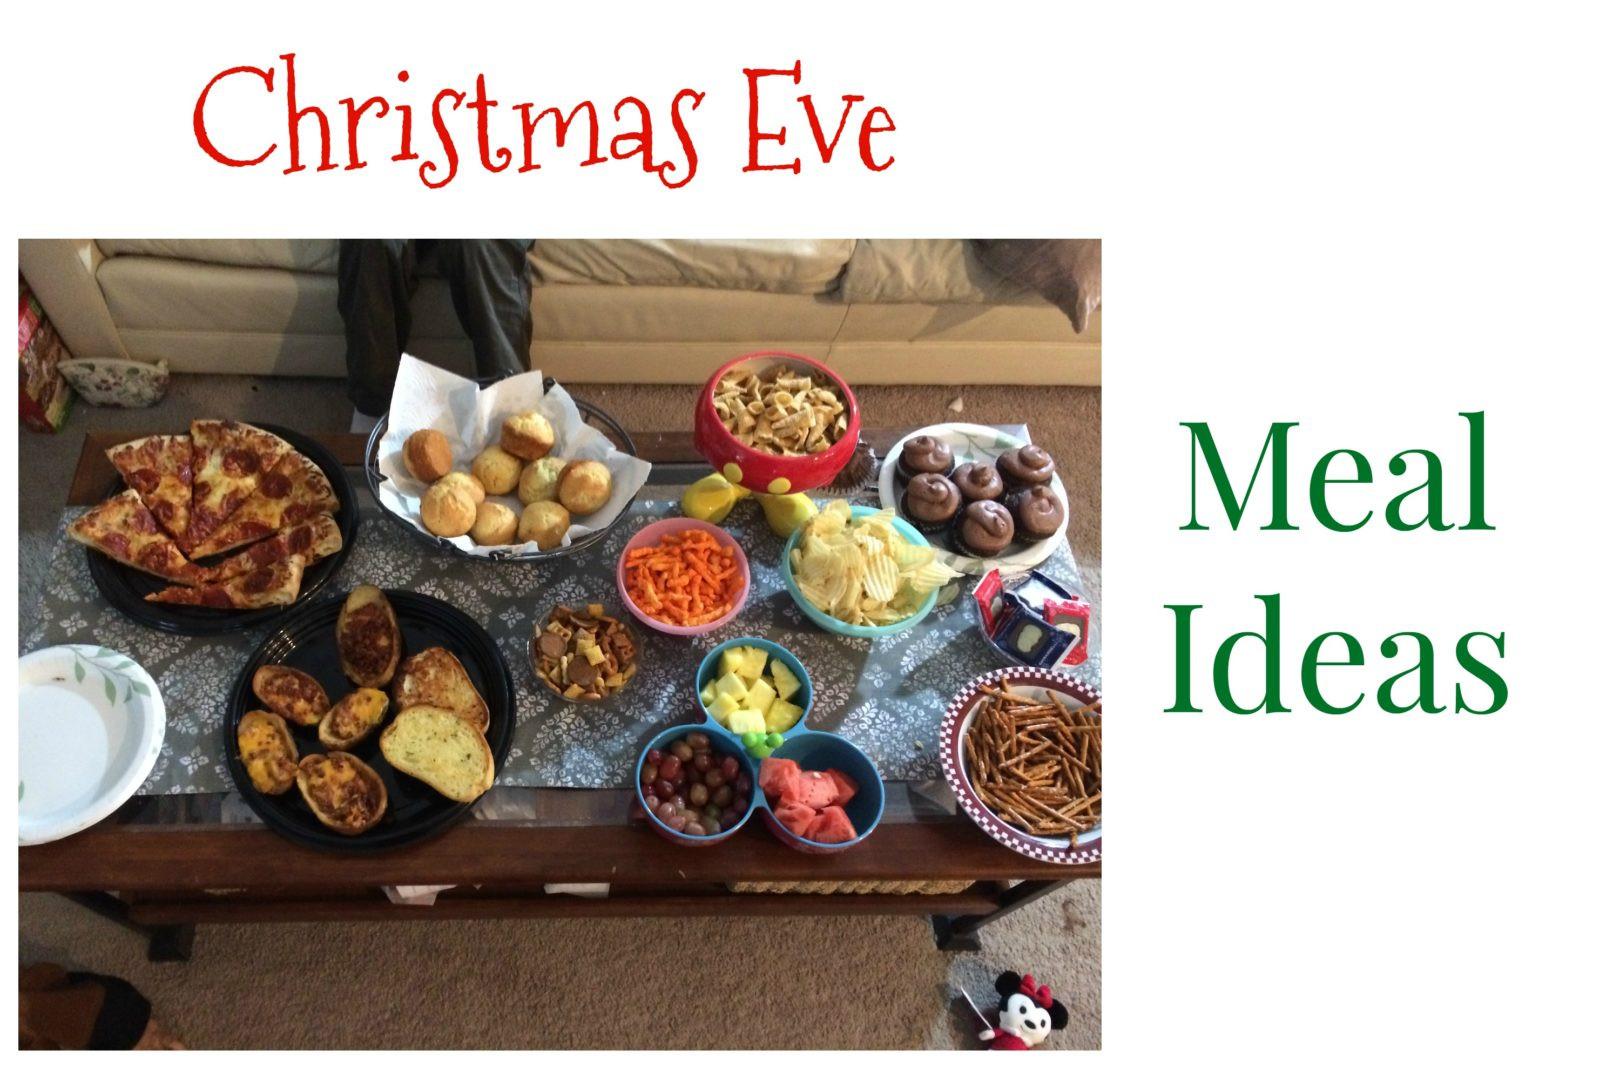 Christmas Eve Dinner Ideas  Christmas Eve Meal Ideas • Always Moving Mommy